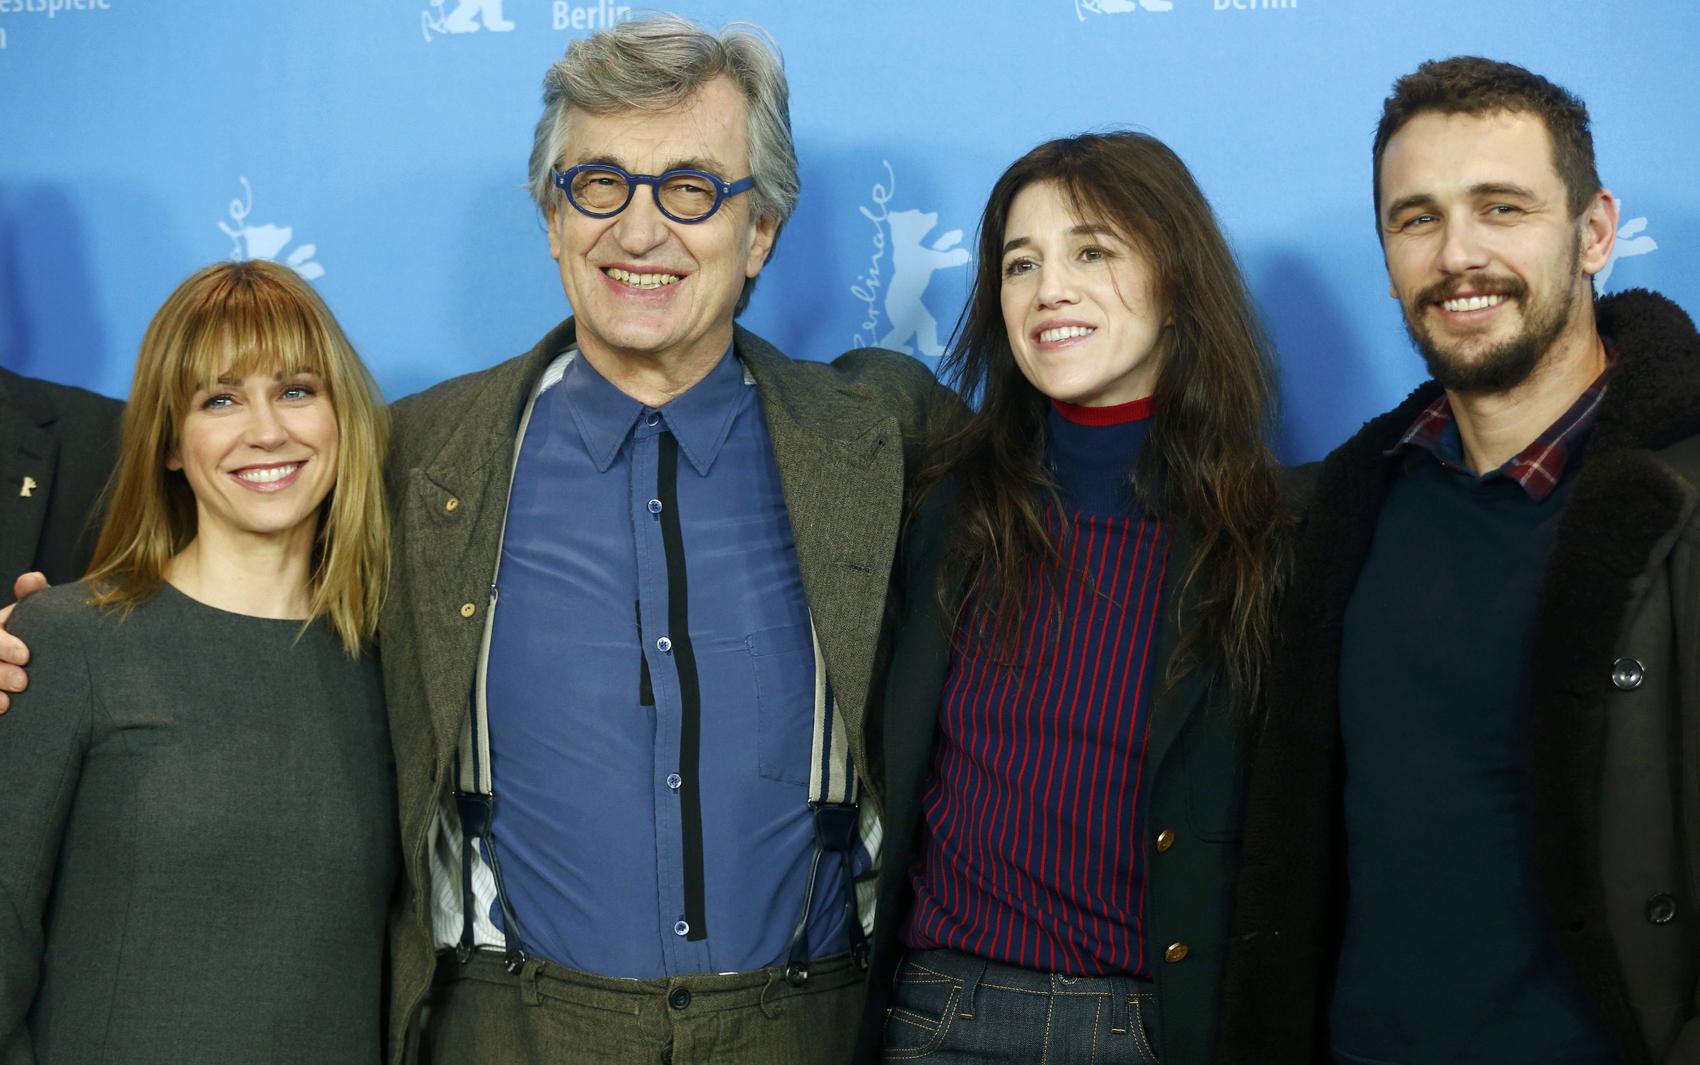 10/02 - Da esq. para dir., Marie-Josee Croze, Wim Wenders, Charlotte Gainsbourg e James Franco divulgam 'Everything will be fine' no Festival de Berlim.